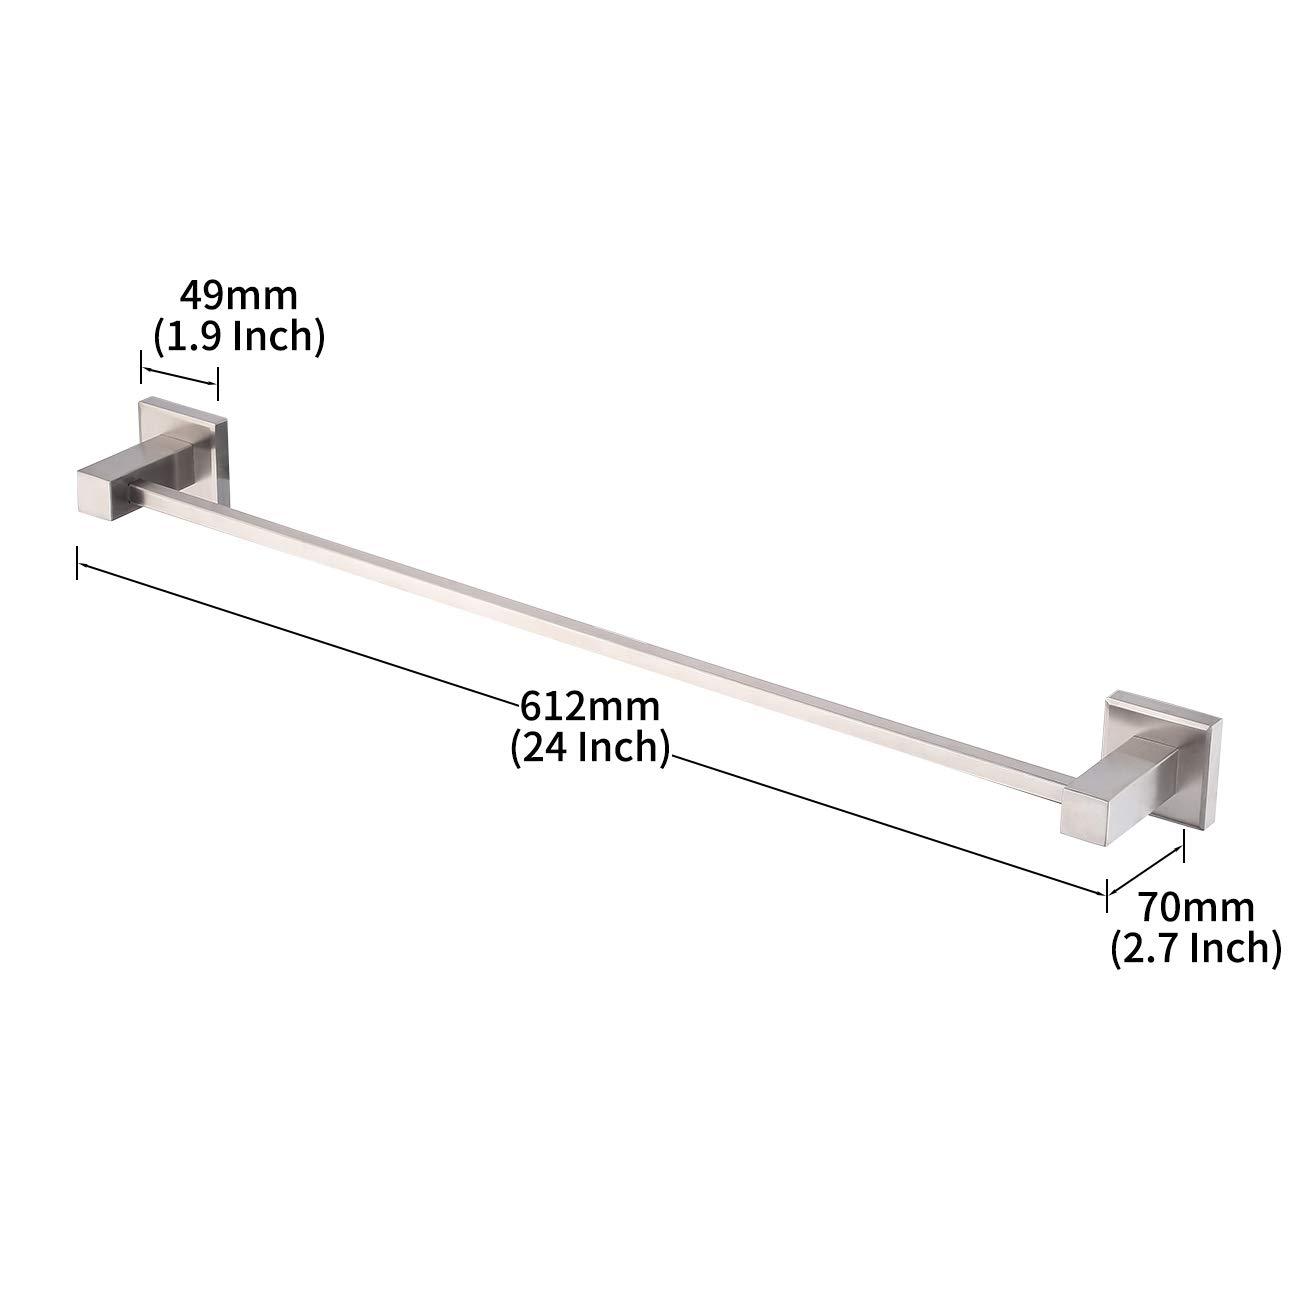 Amazon.com: KES acero inoxidable SUS 304 – Accesorios Baño ...